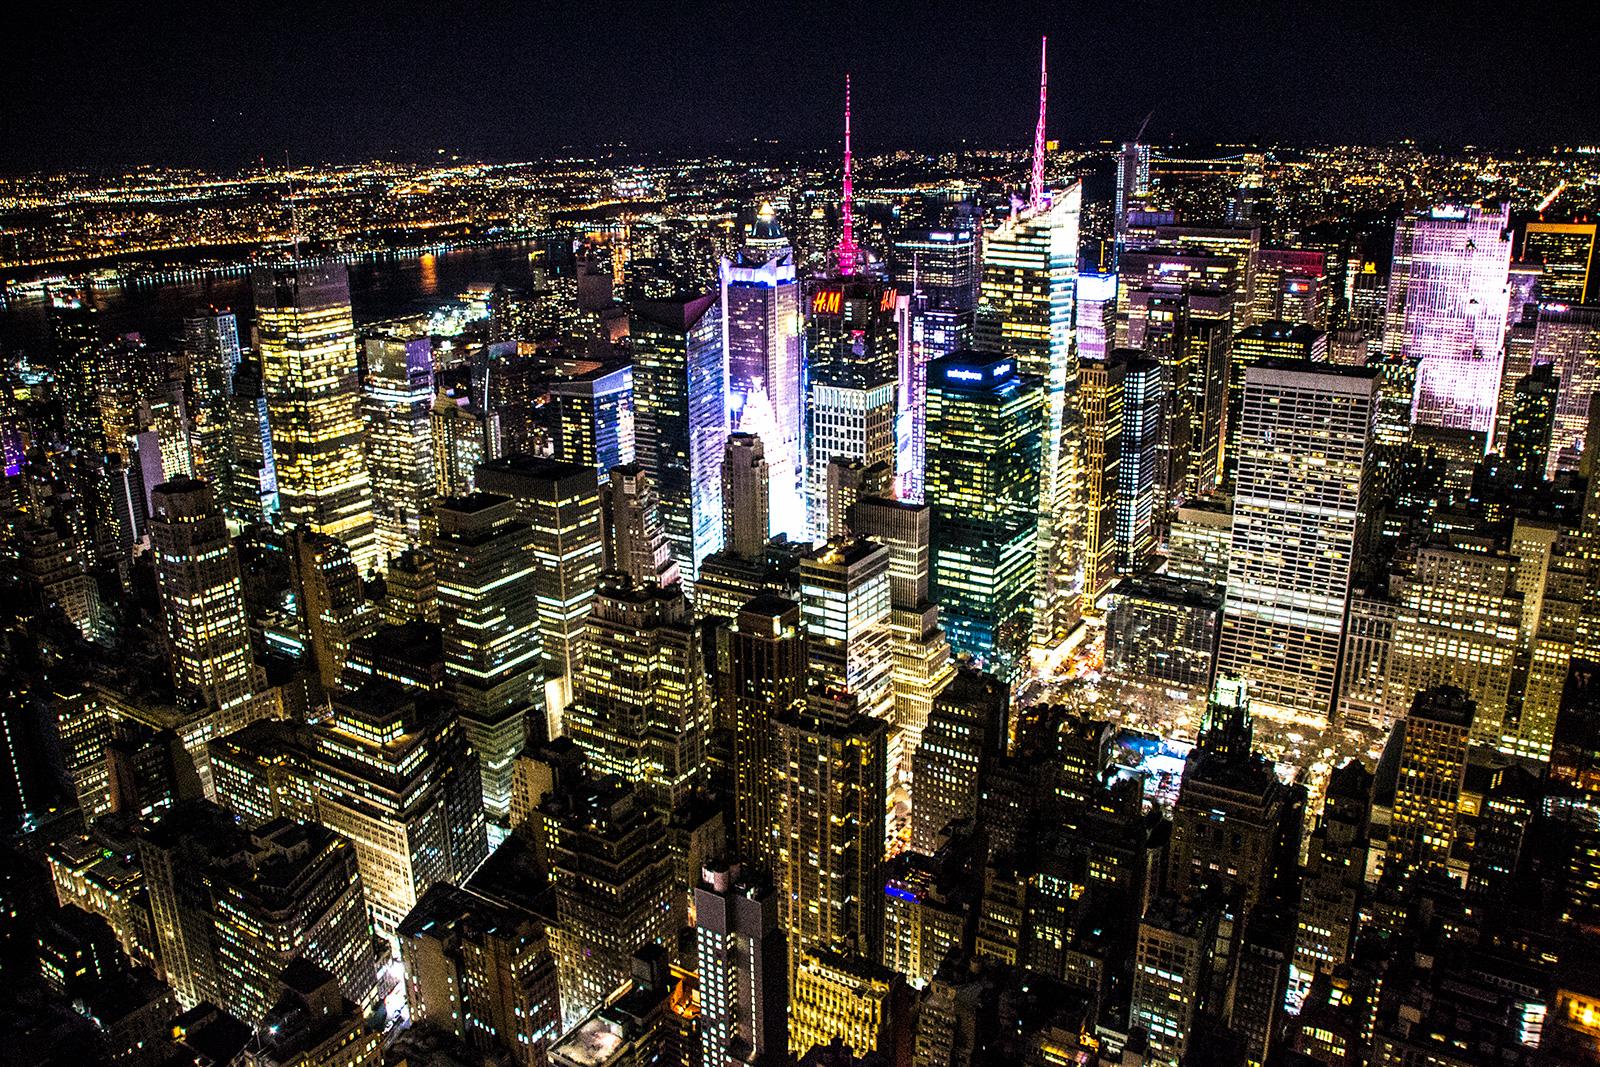 Foco de luz en Times Square desde el Empire State Building por la noche - New York CityPass